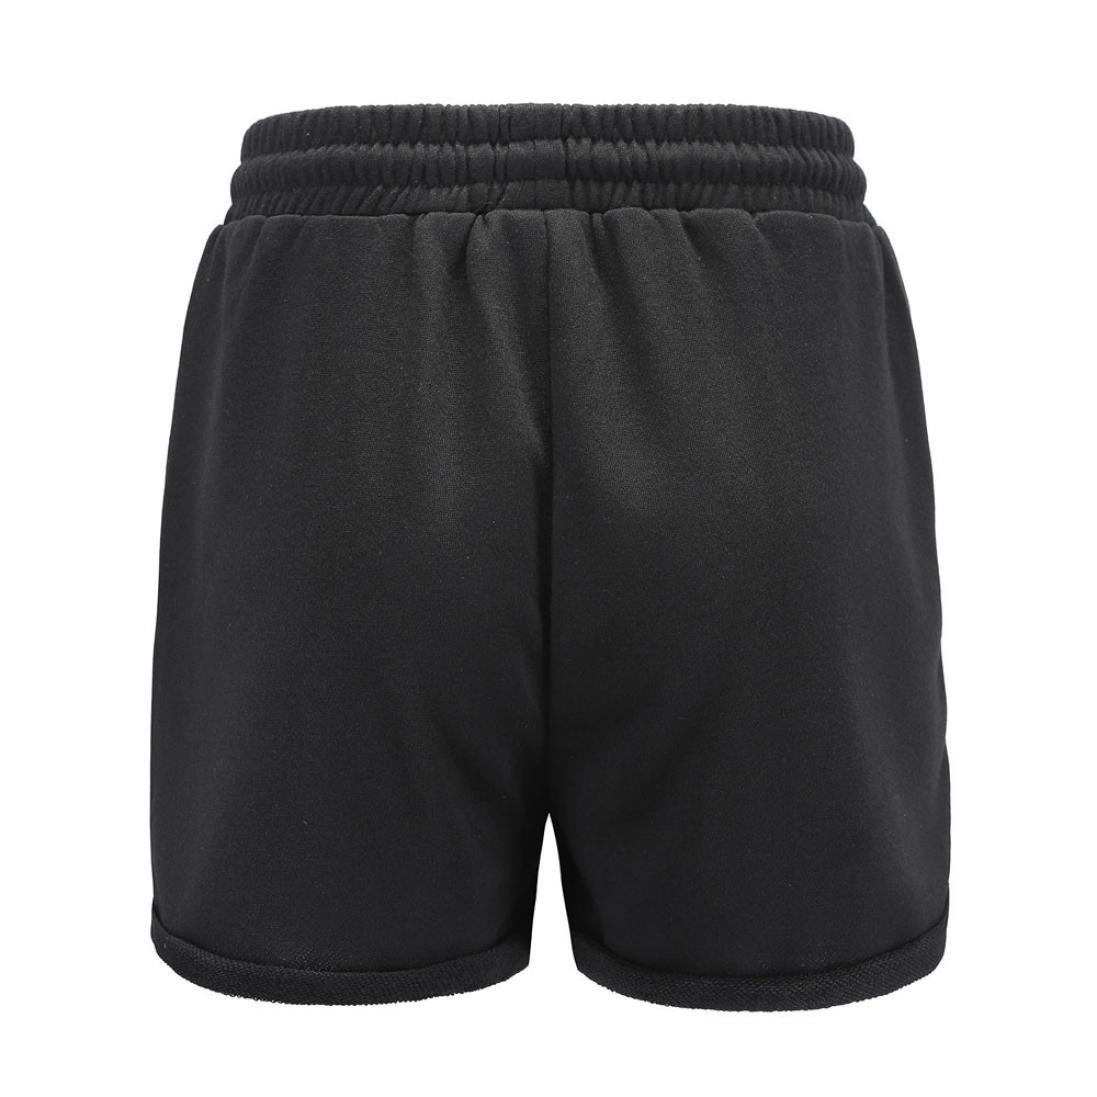 ♥-♥-♥-Pantalones Cortos para Mujer, RETUROM Deportes de Ocio de Las Mujeres de Verano Pantalones Cortos de Cintura con Cordón Y Cordones para Mujer: ...